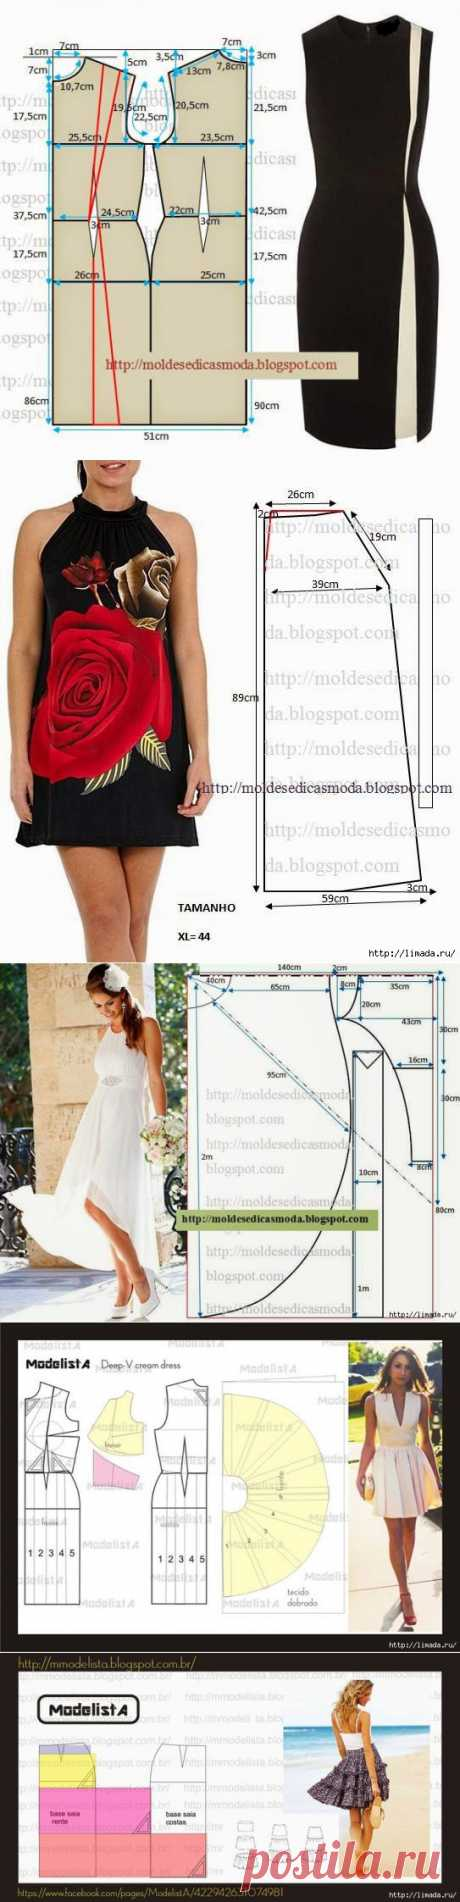 к летнему сезону- сарафаны.платья,юбки,блузки.... часть1.